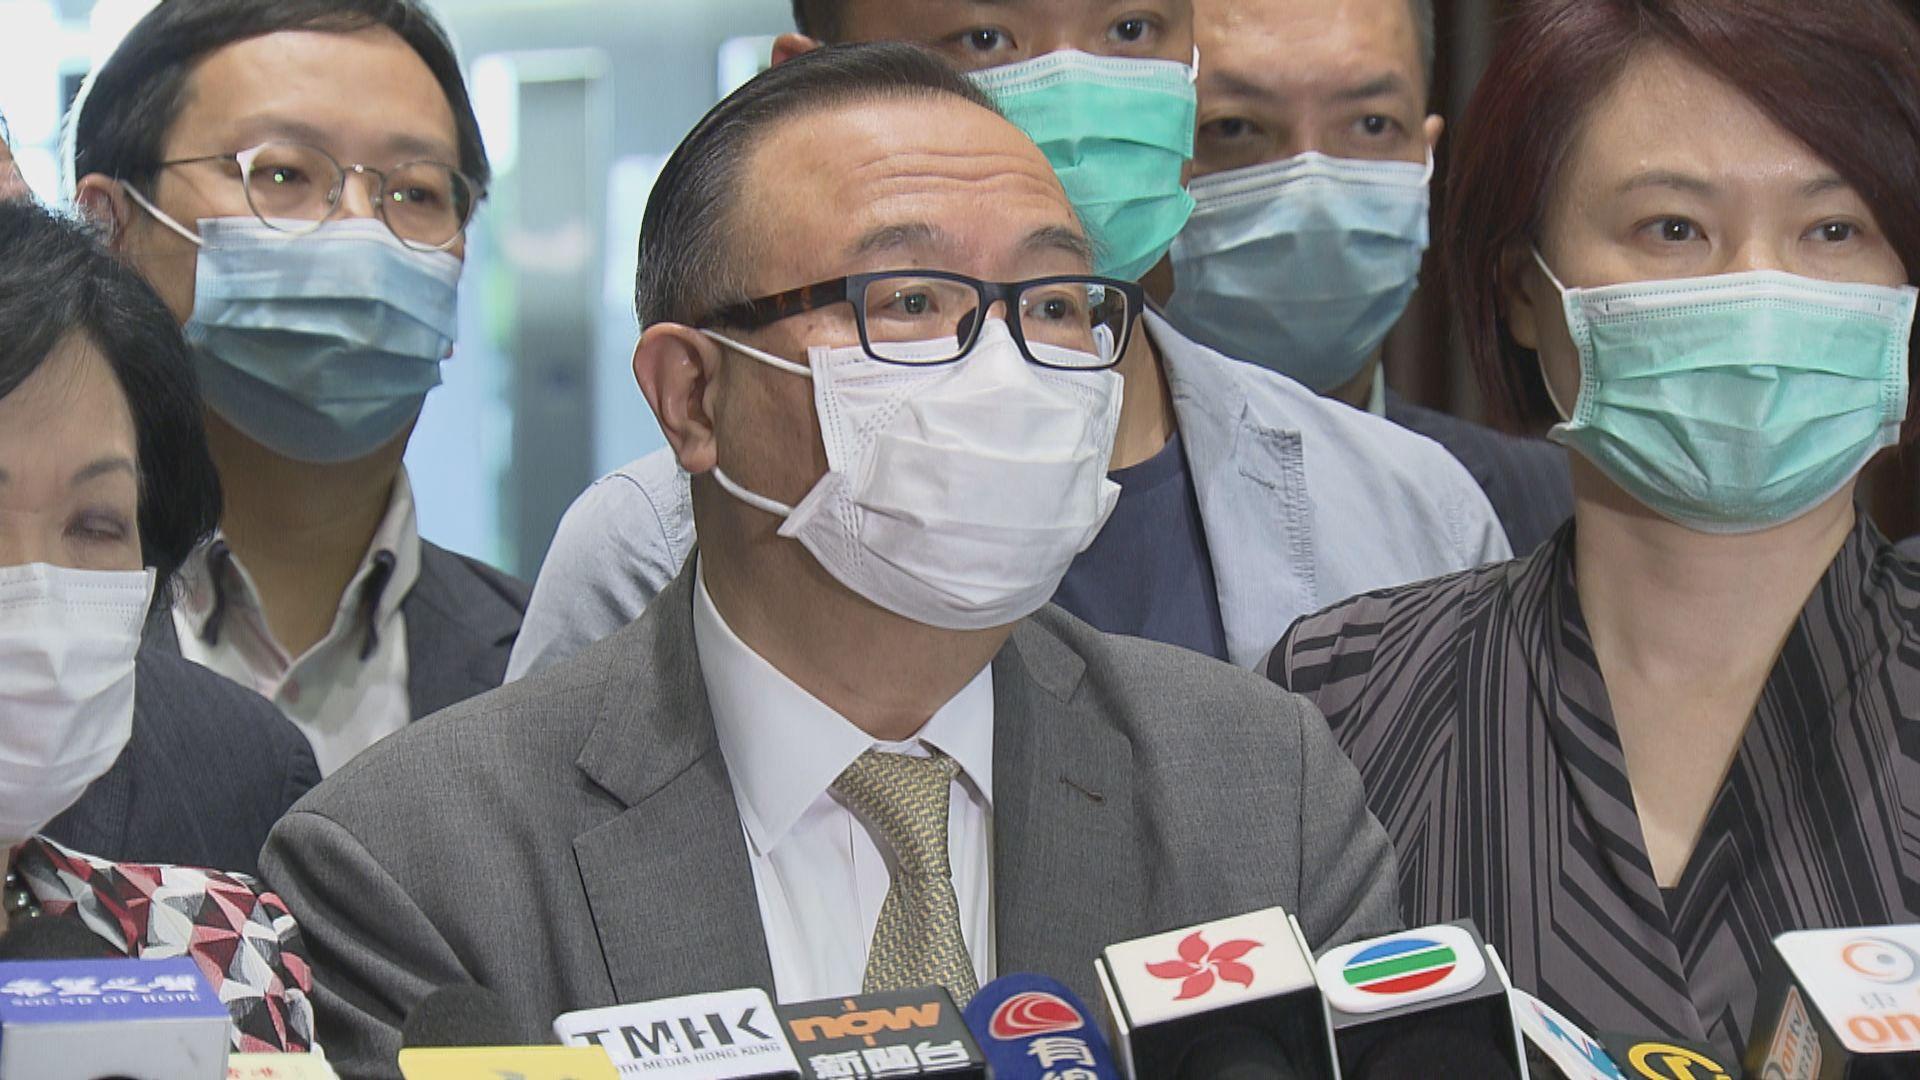 建制派:特朗普簽署香港自治法是不合理制裁措施